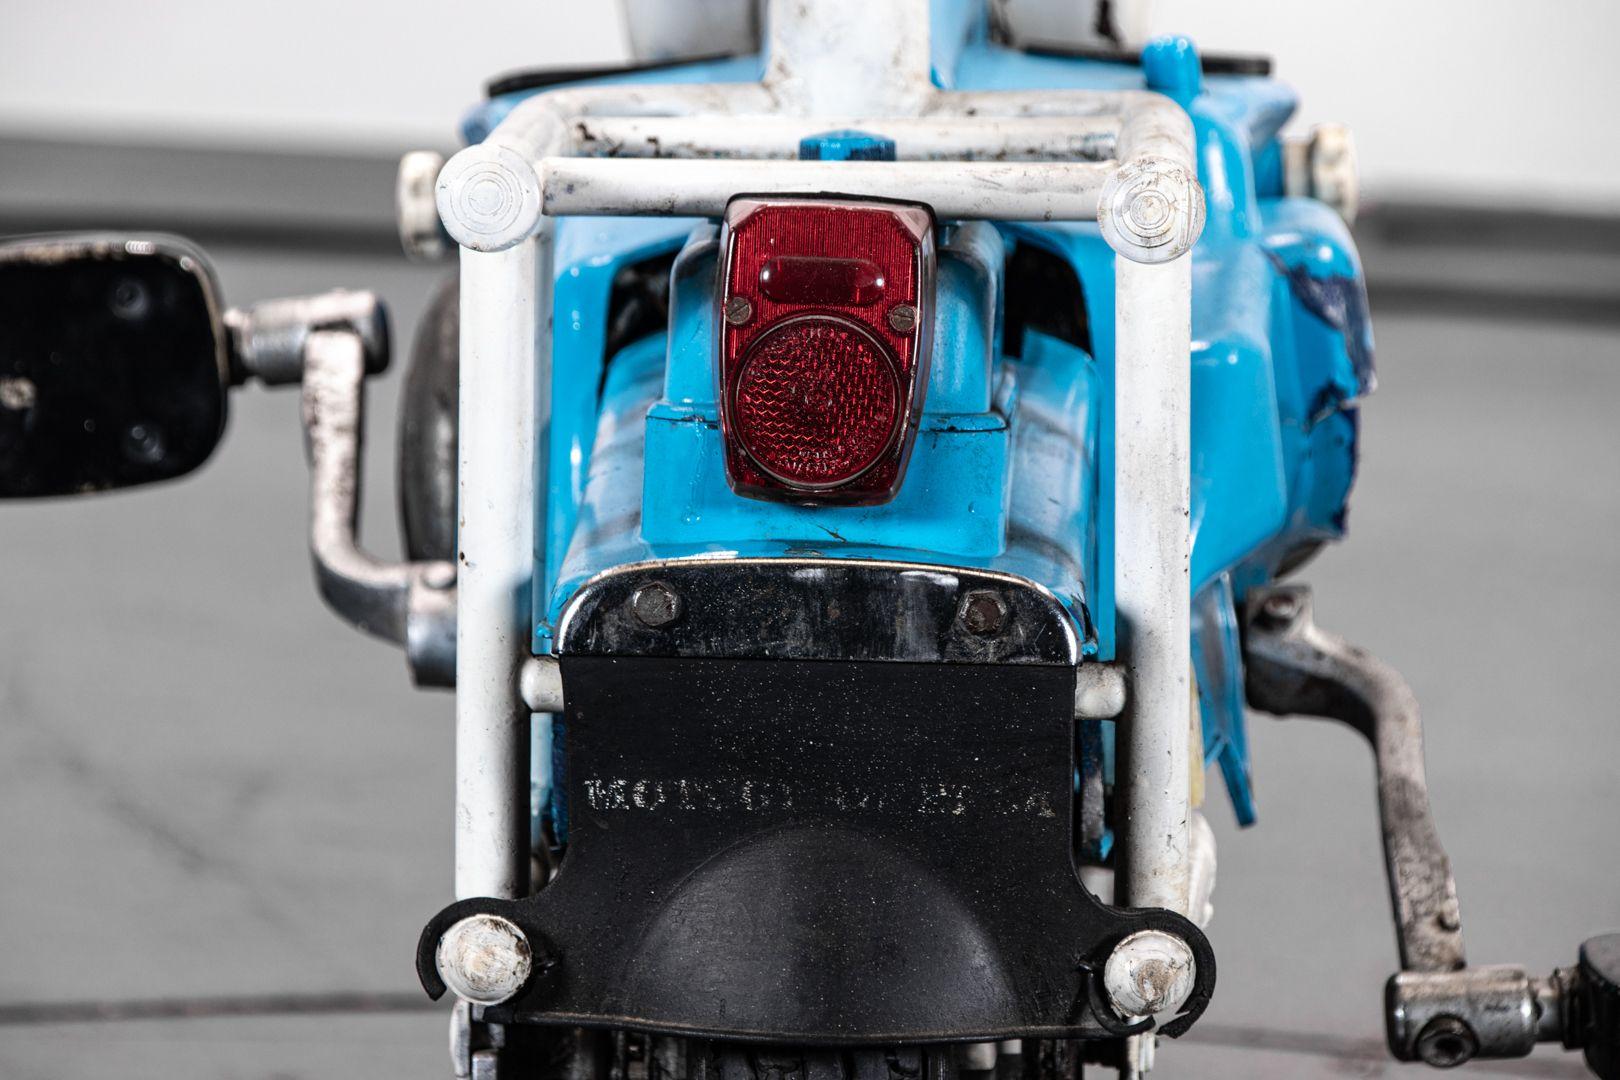 1970 Moto Graziella A 50 64948